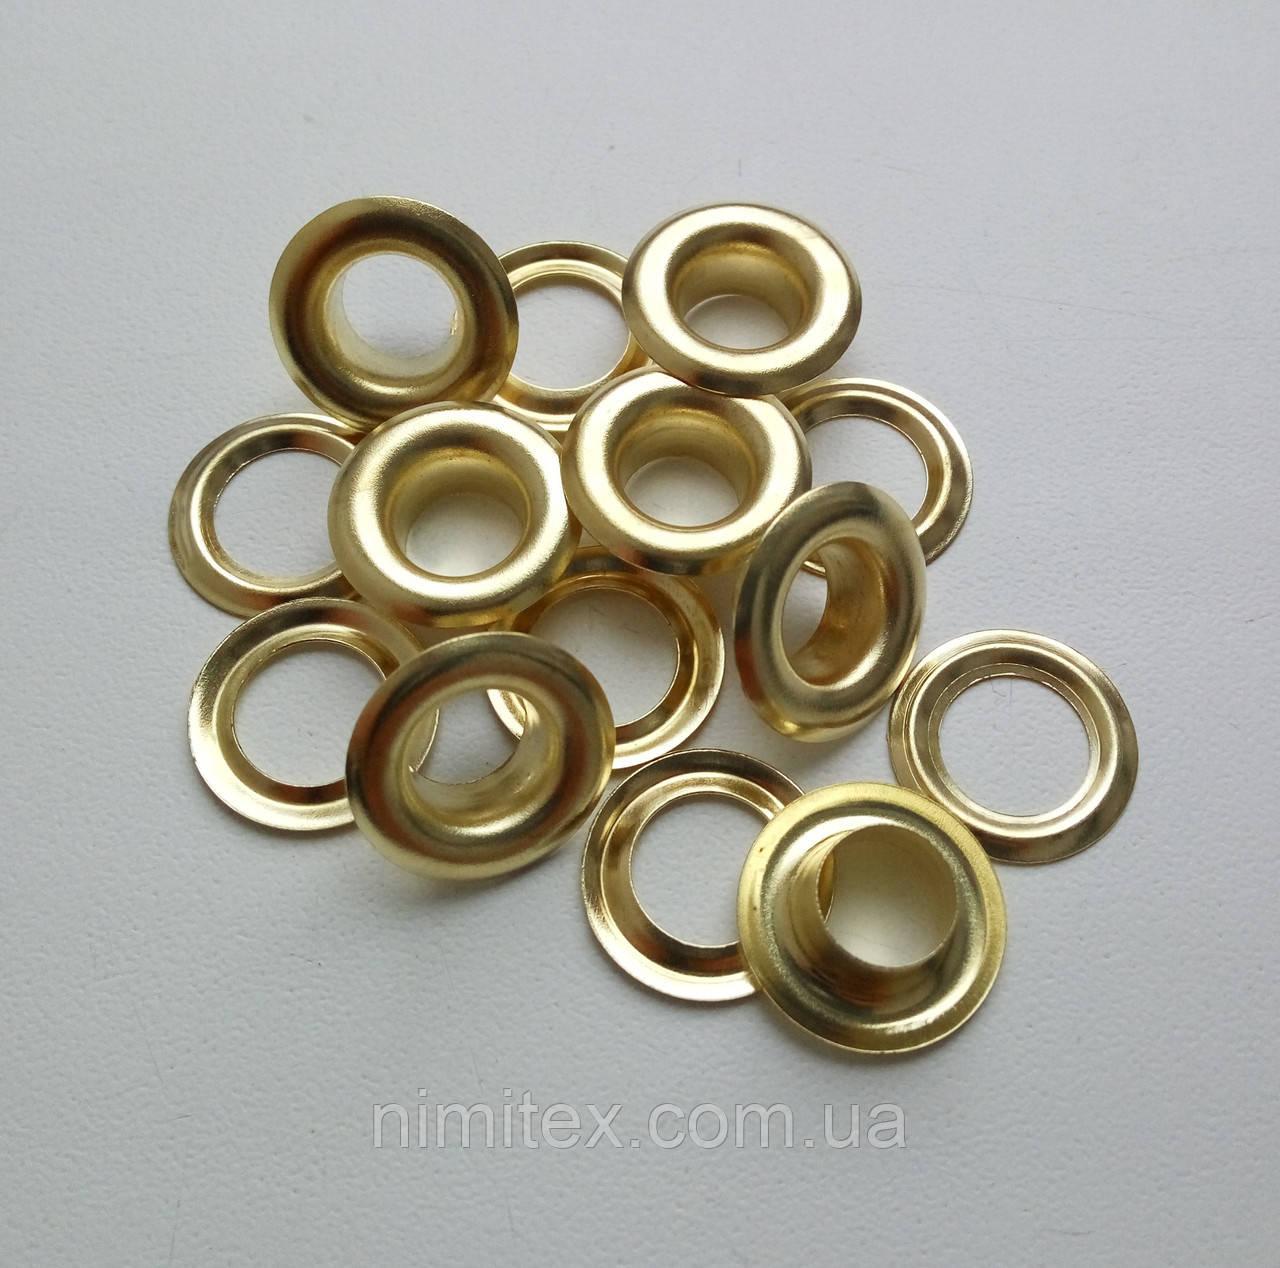 Люверс №28 - 13 мм (з шайбою) золото